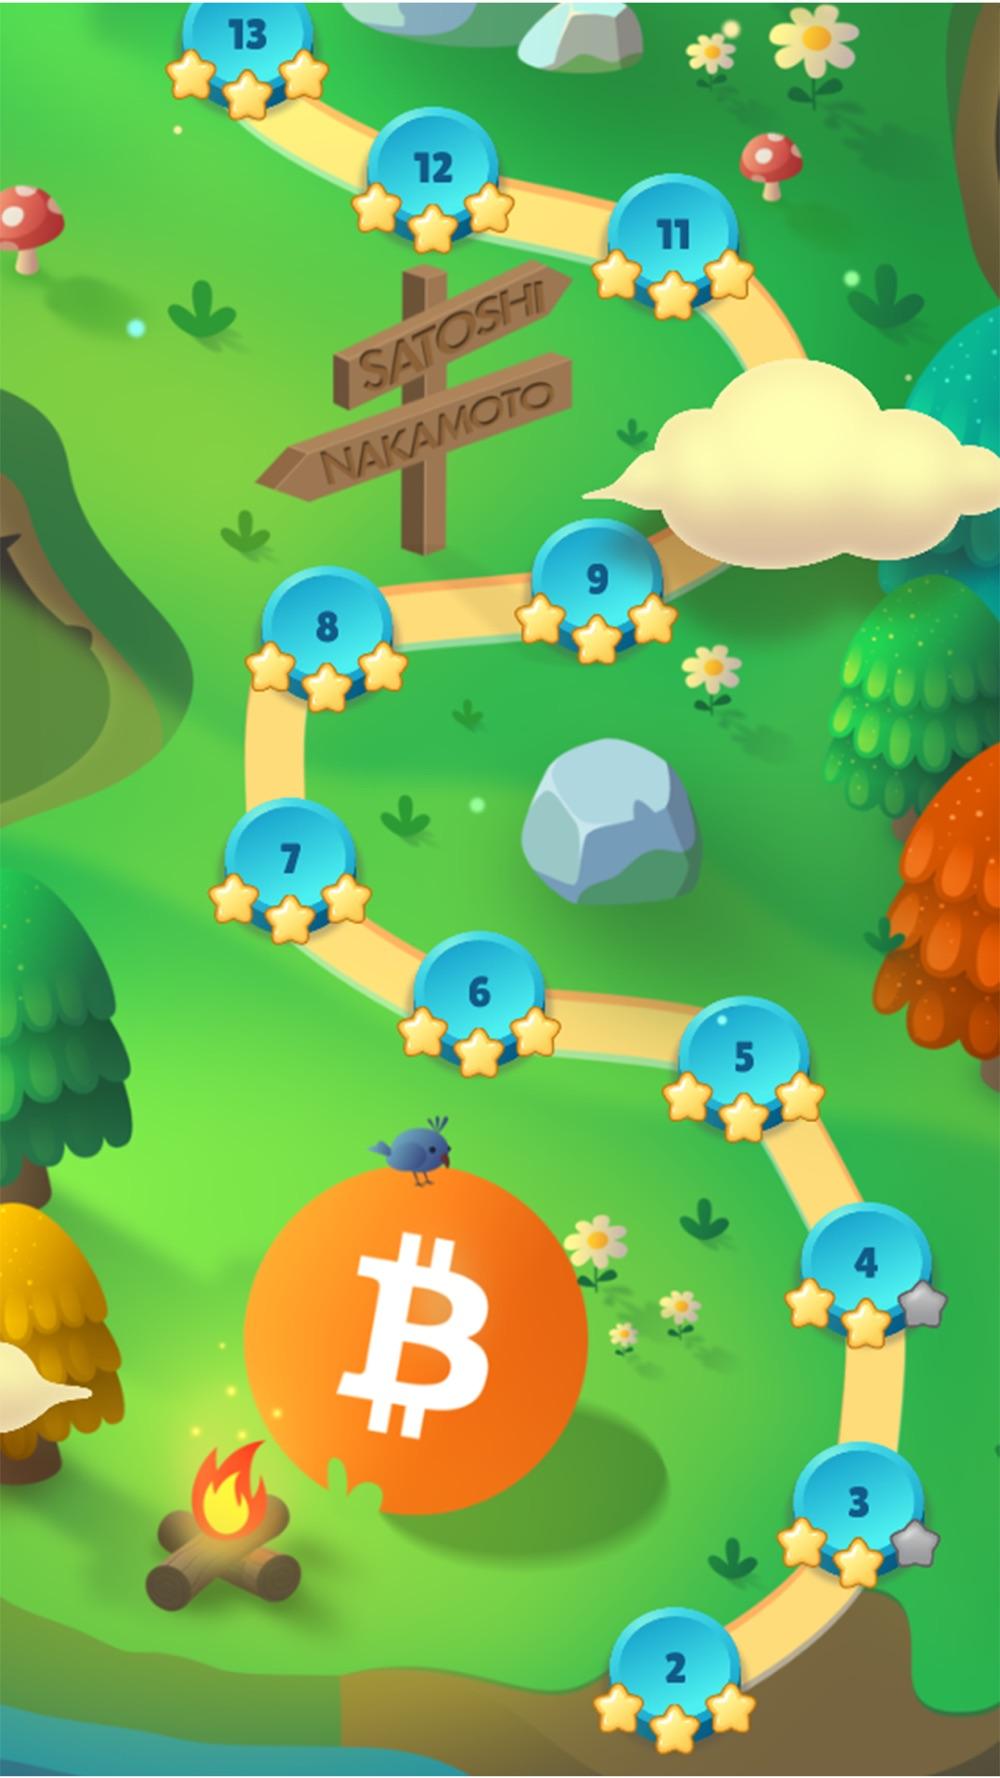 Kawaii Crypto Bubble Pop hack tool